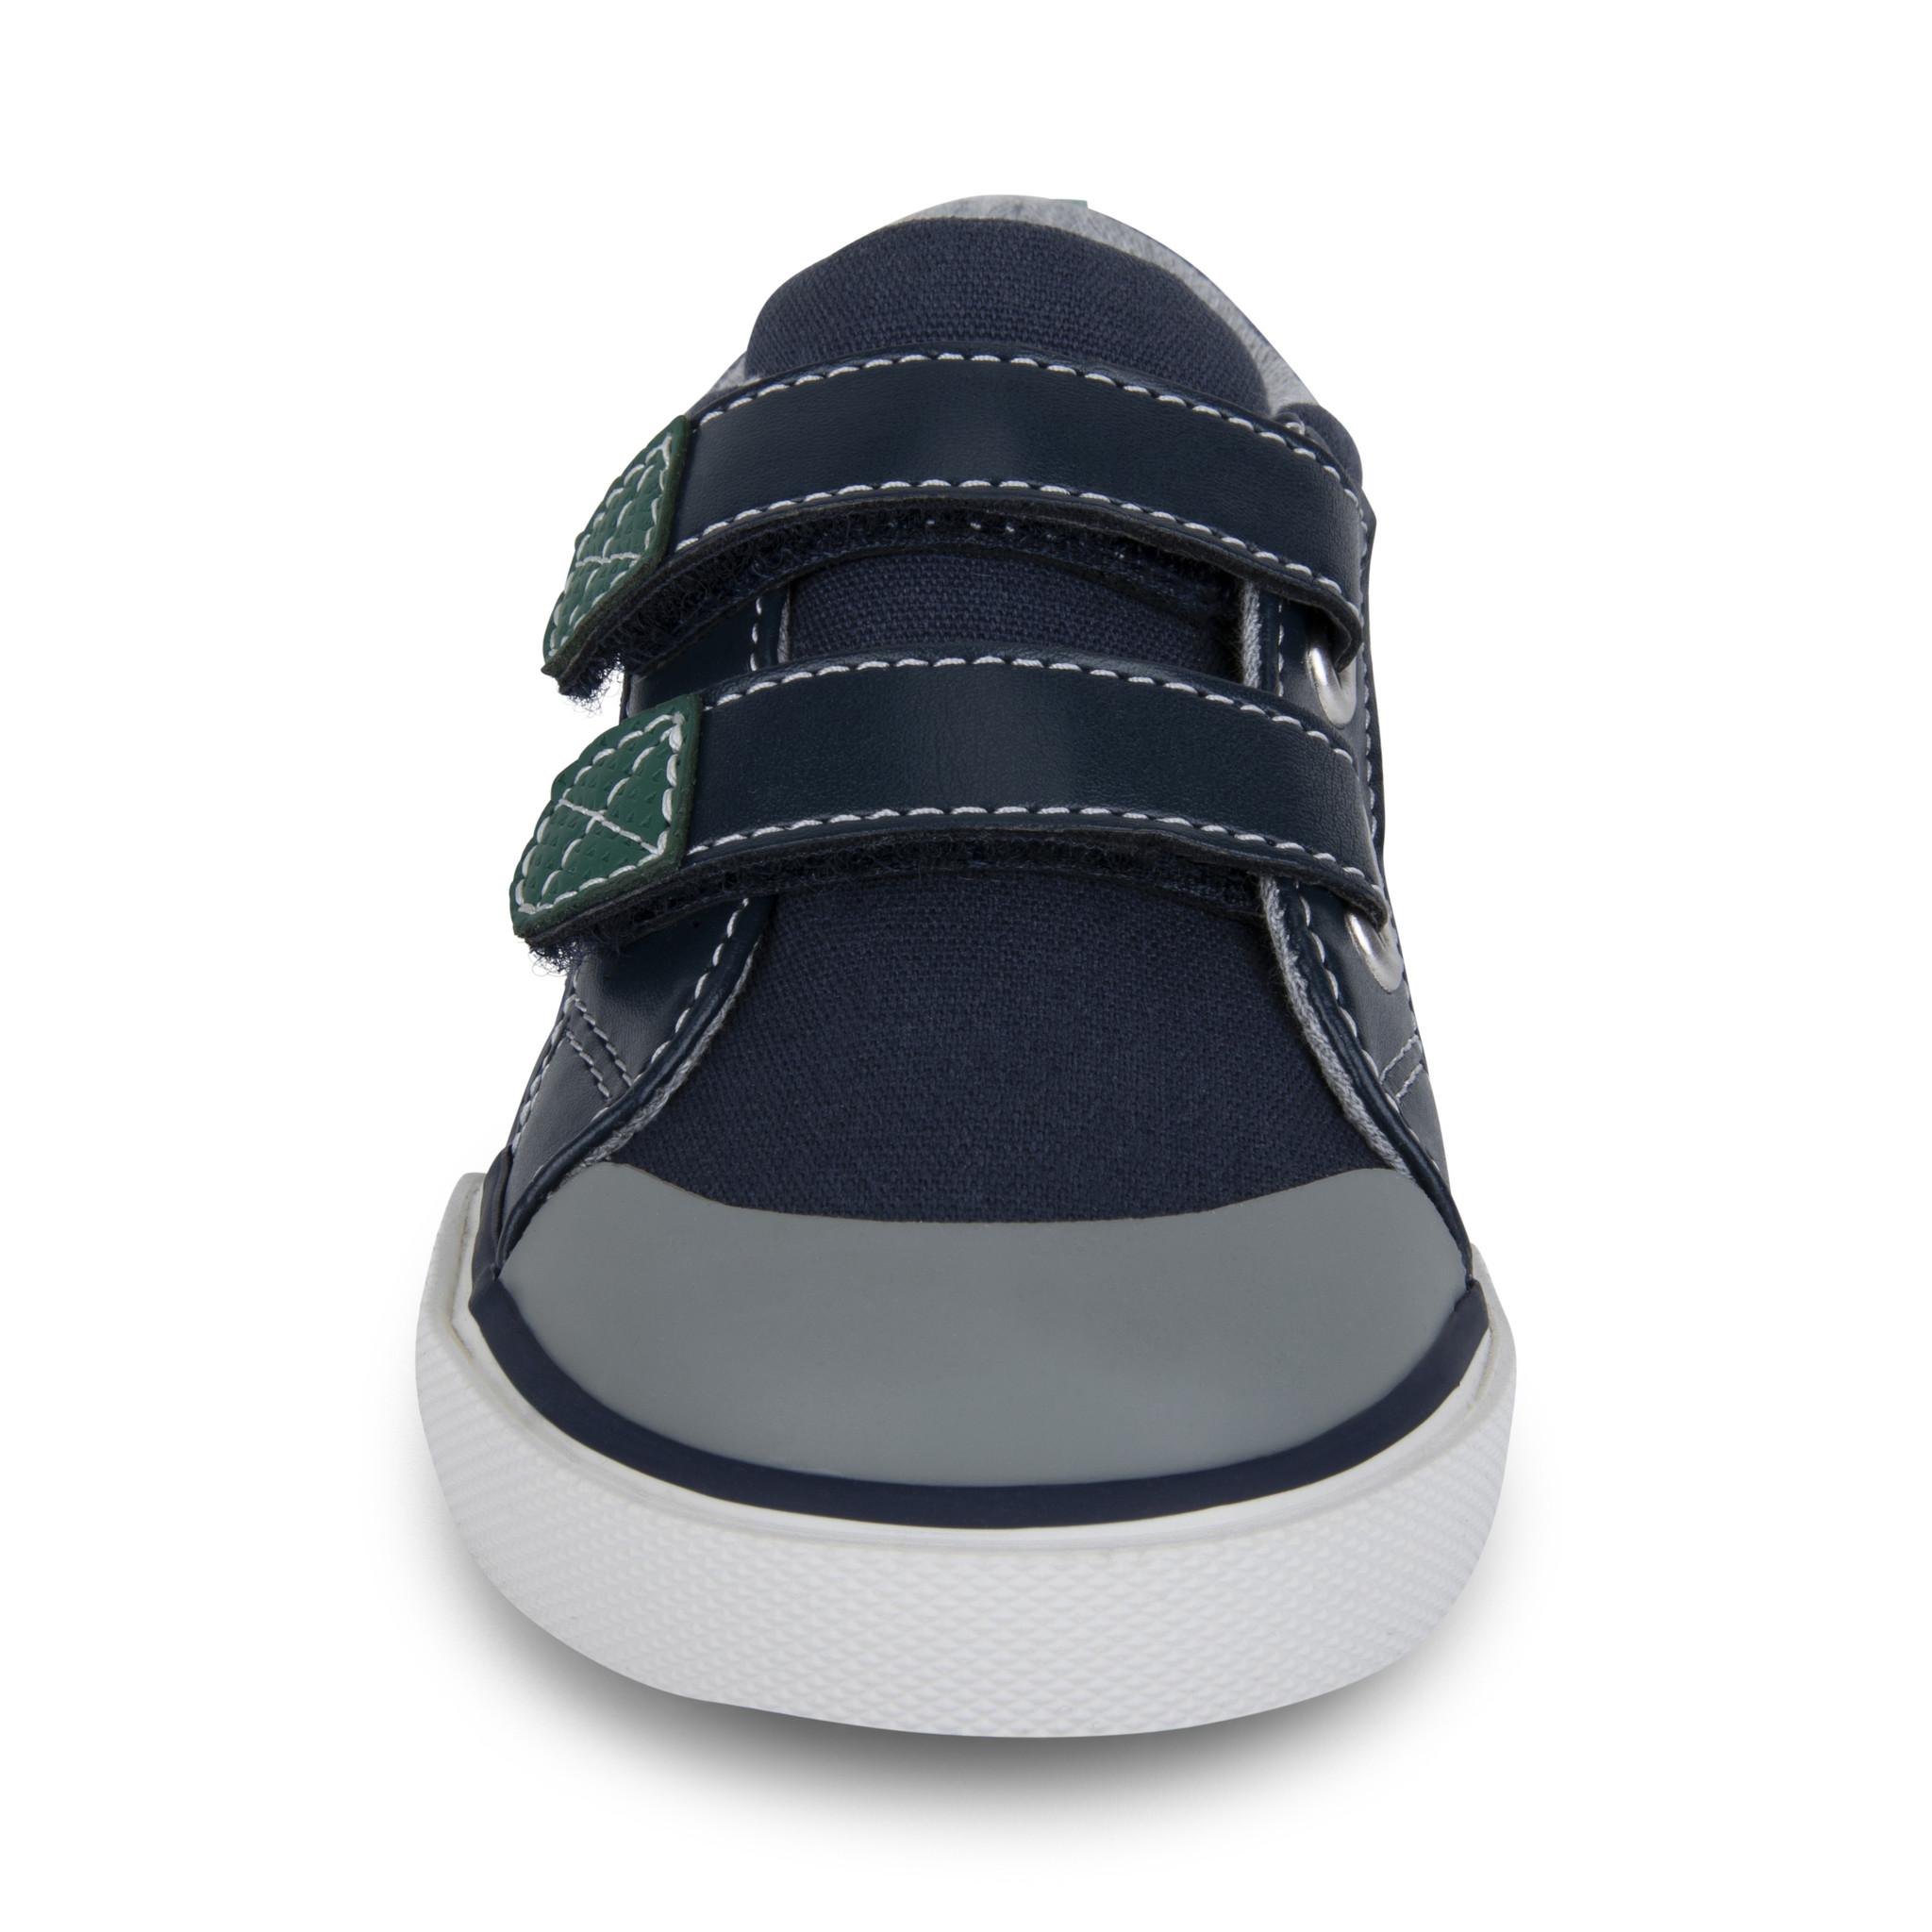 See Kai Run Russell Kids Navy/Green